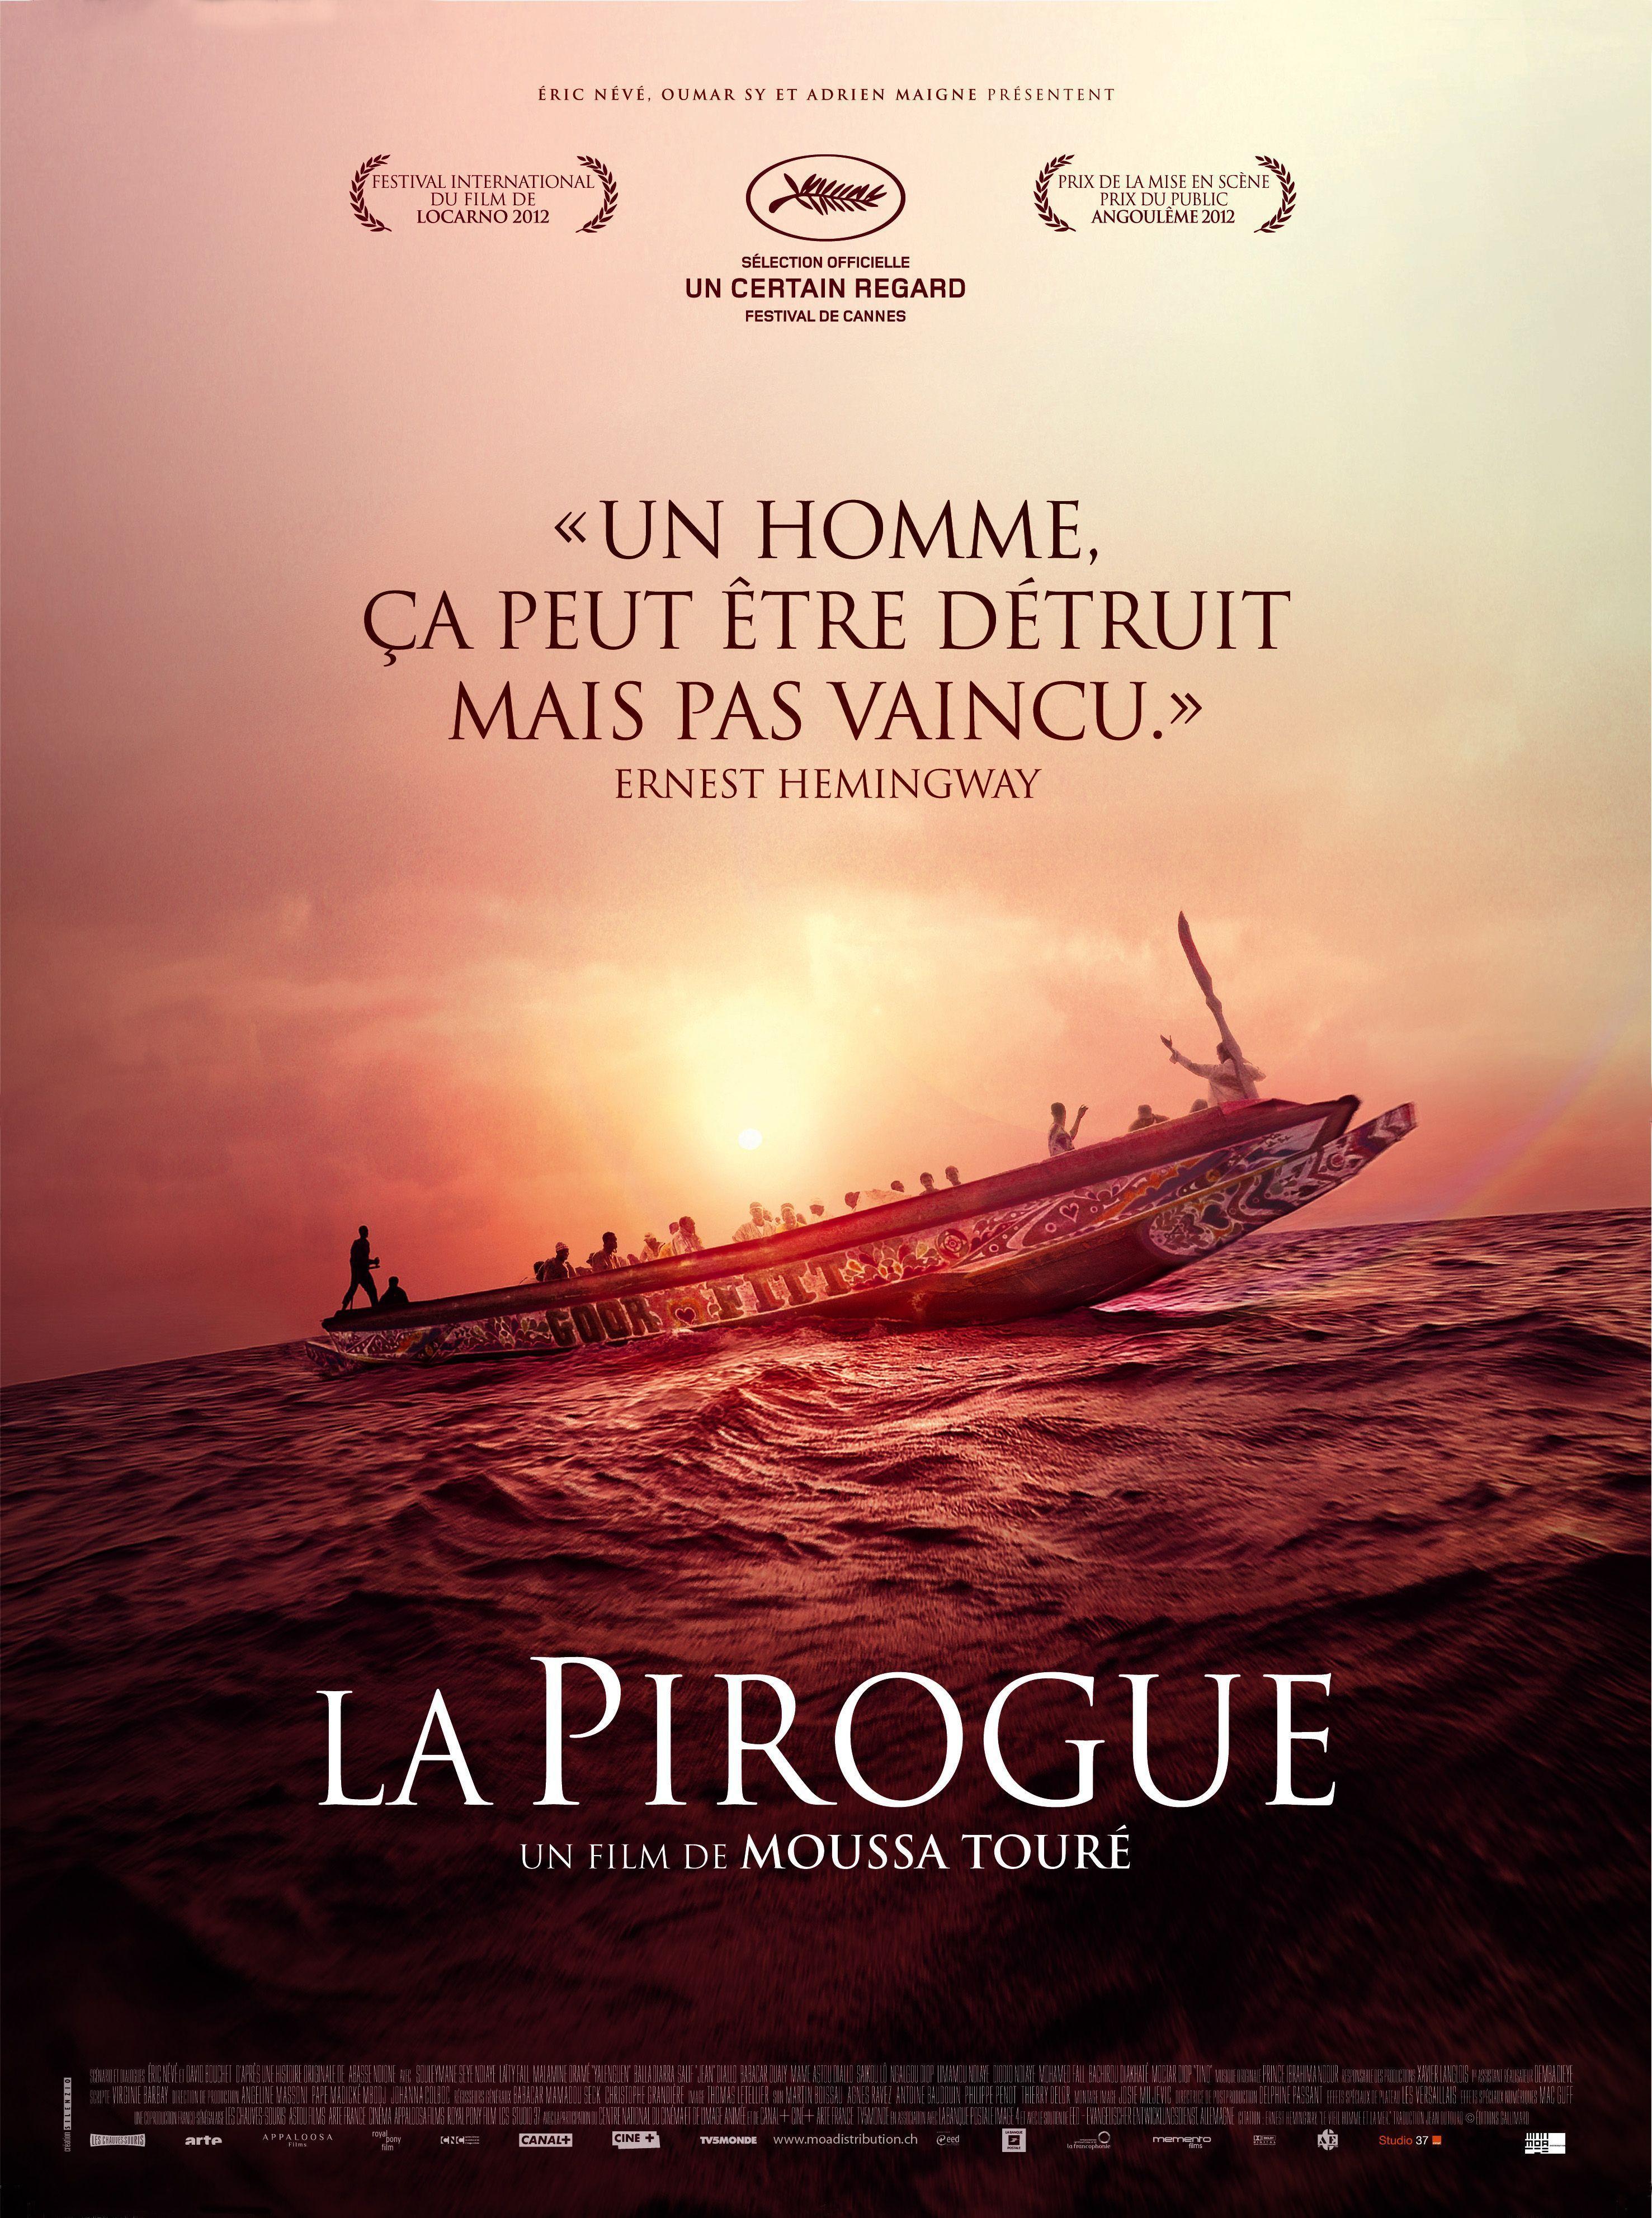 La Pirogue - Film (2012)